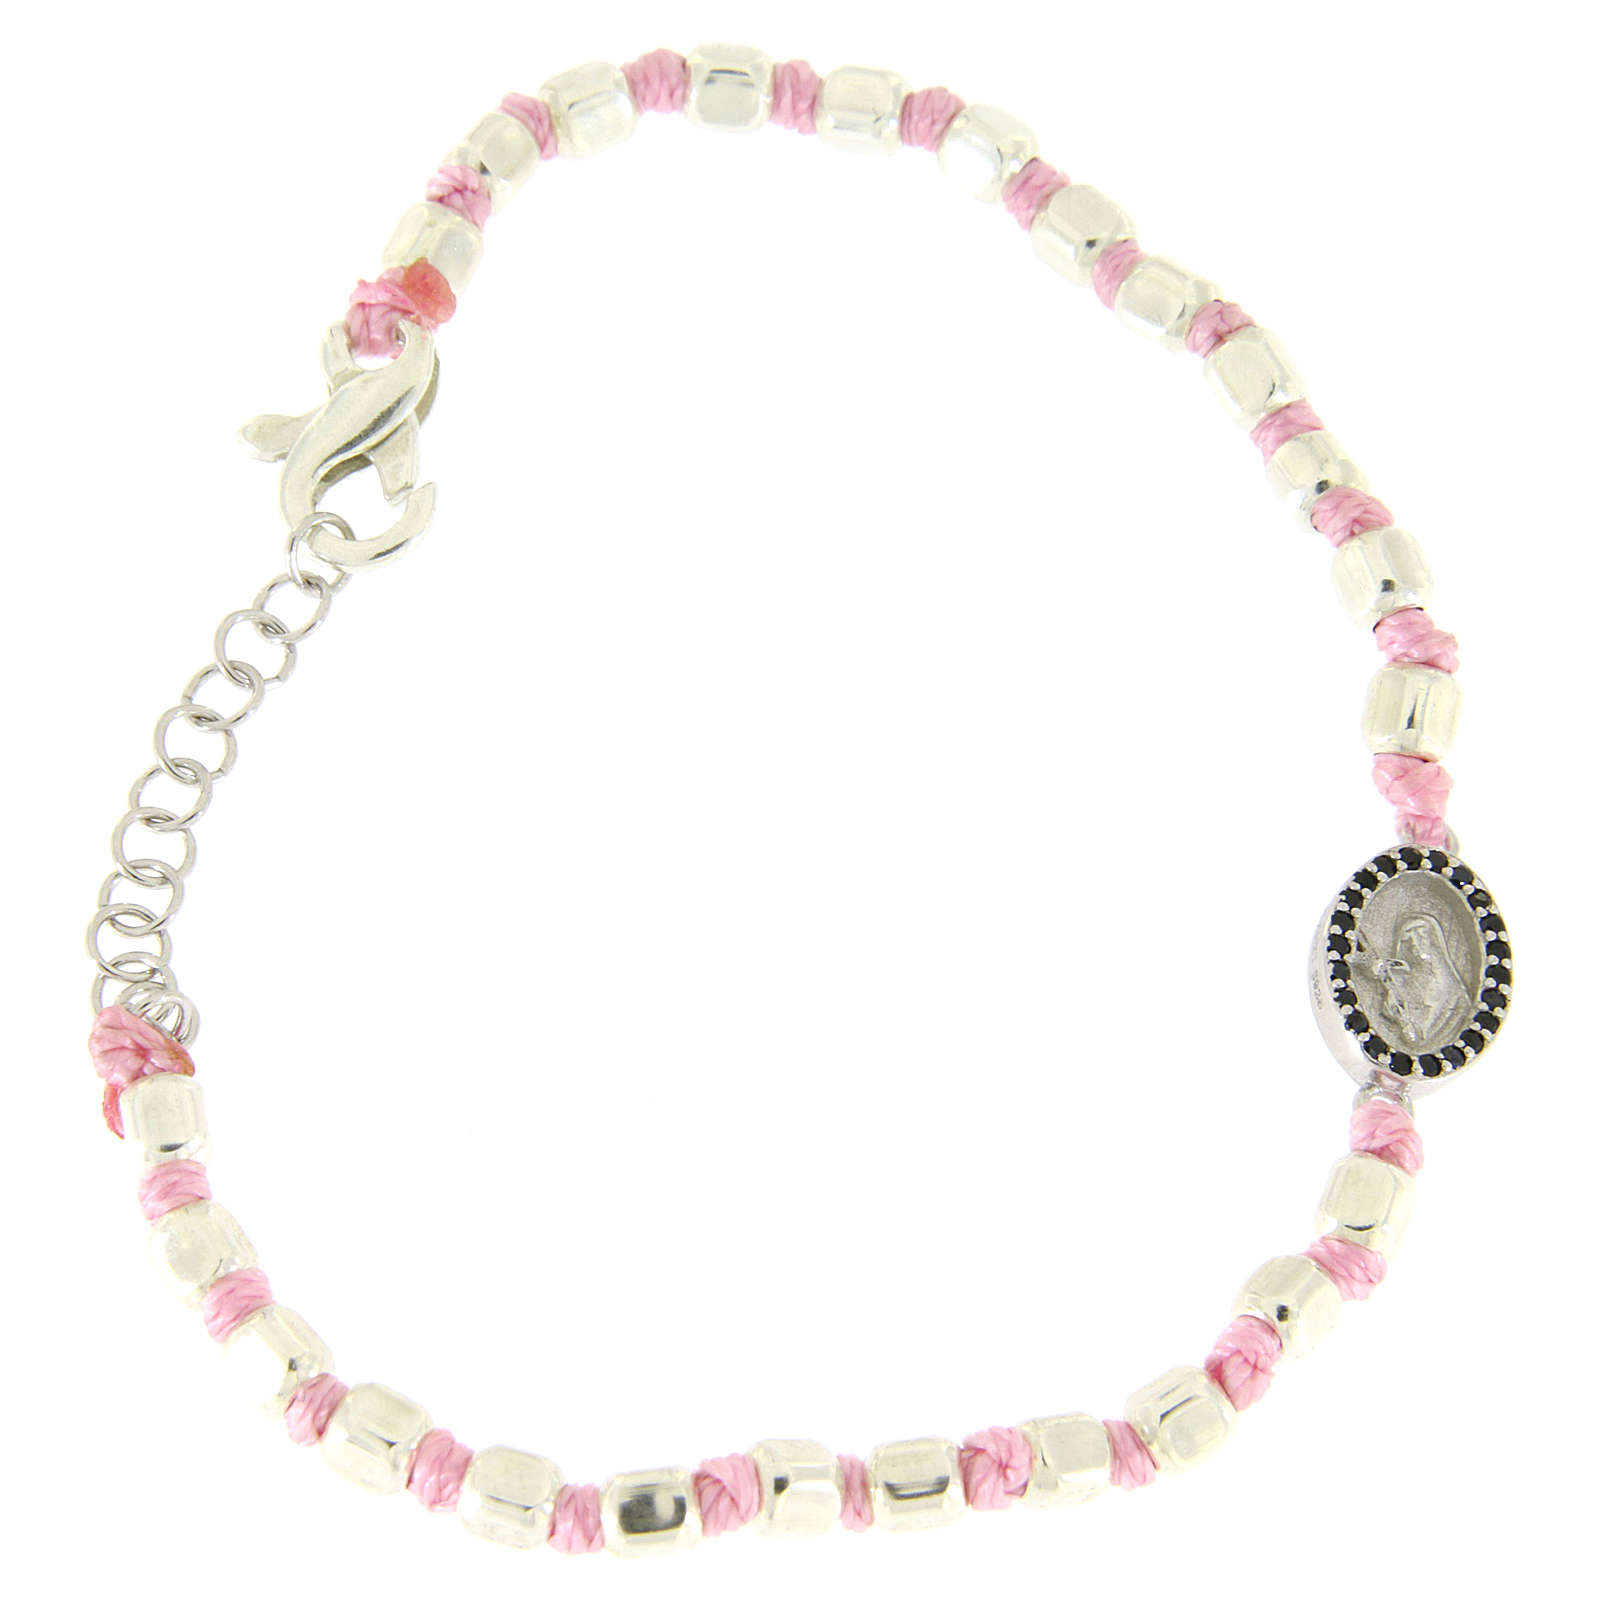 Bracciale sfere sfaccettate argento 2 mm, cordina rosa in cotone, medaglietta S. Rita zirconi neri 4